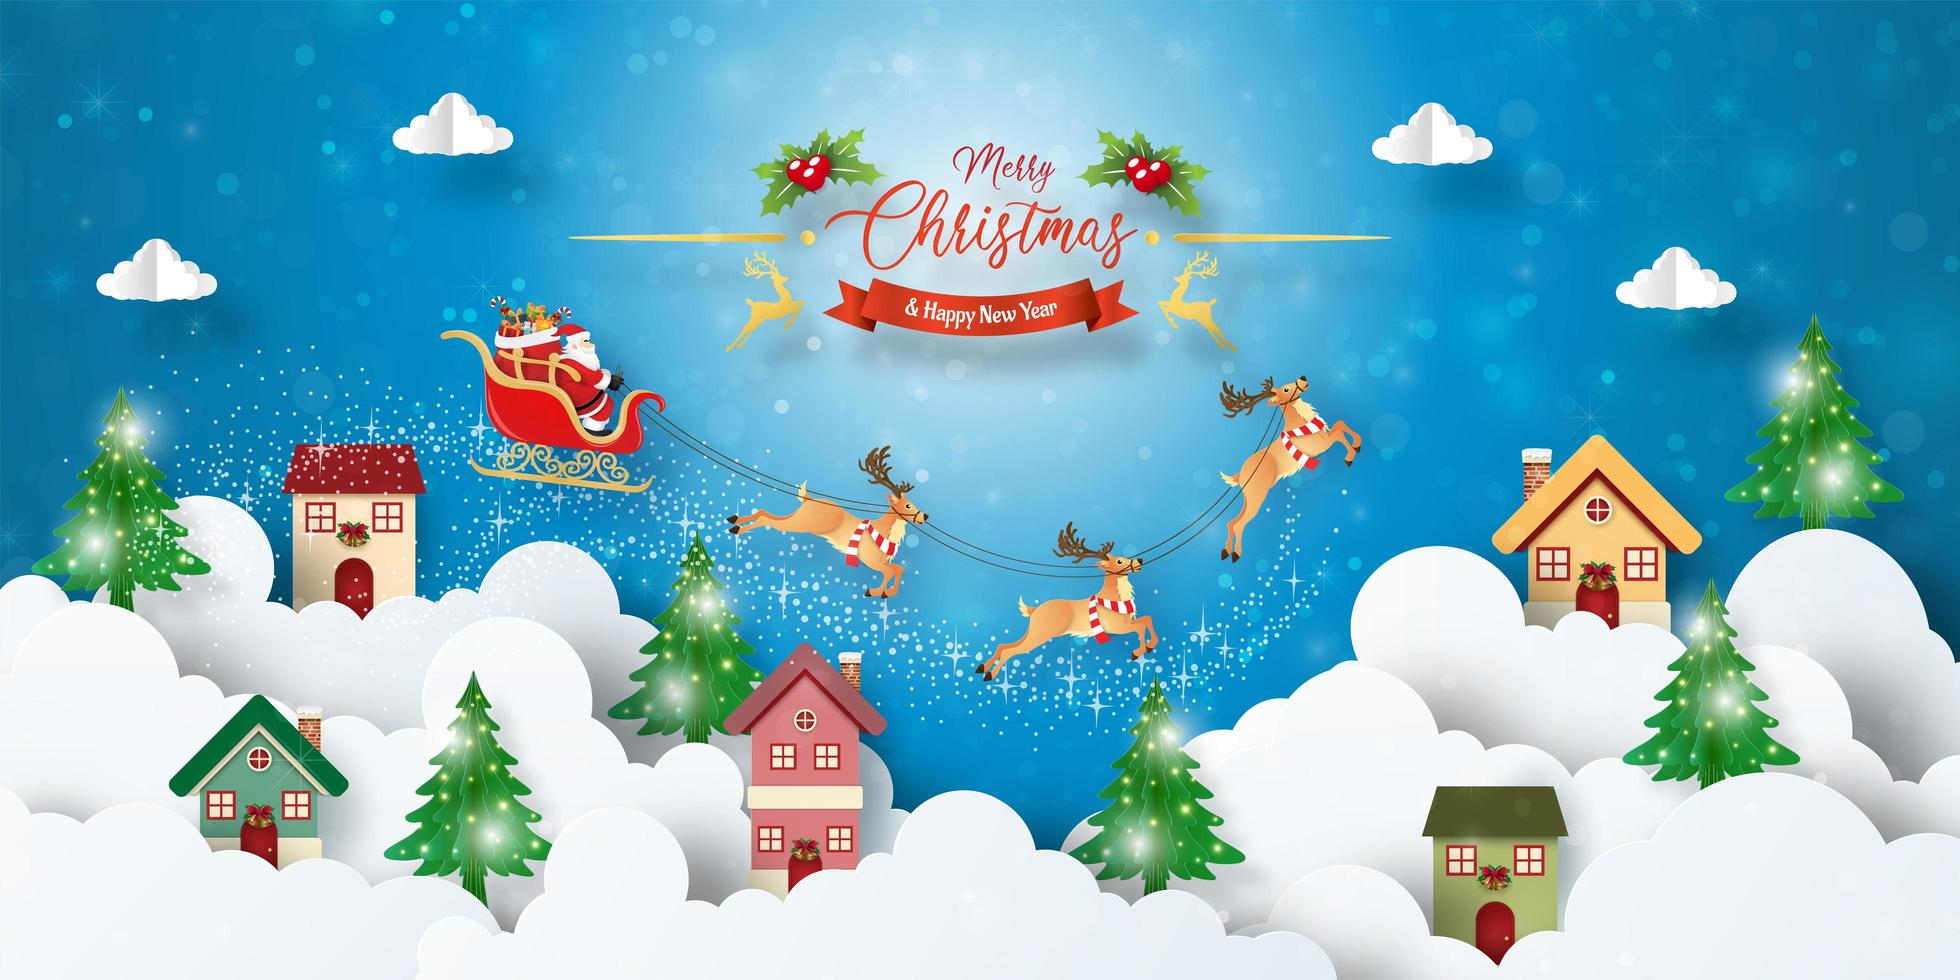 jul vykort banner av jultomten flyger över staden vektor